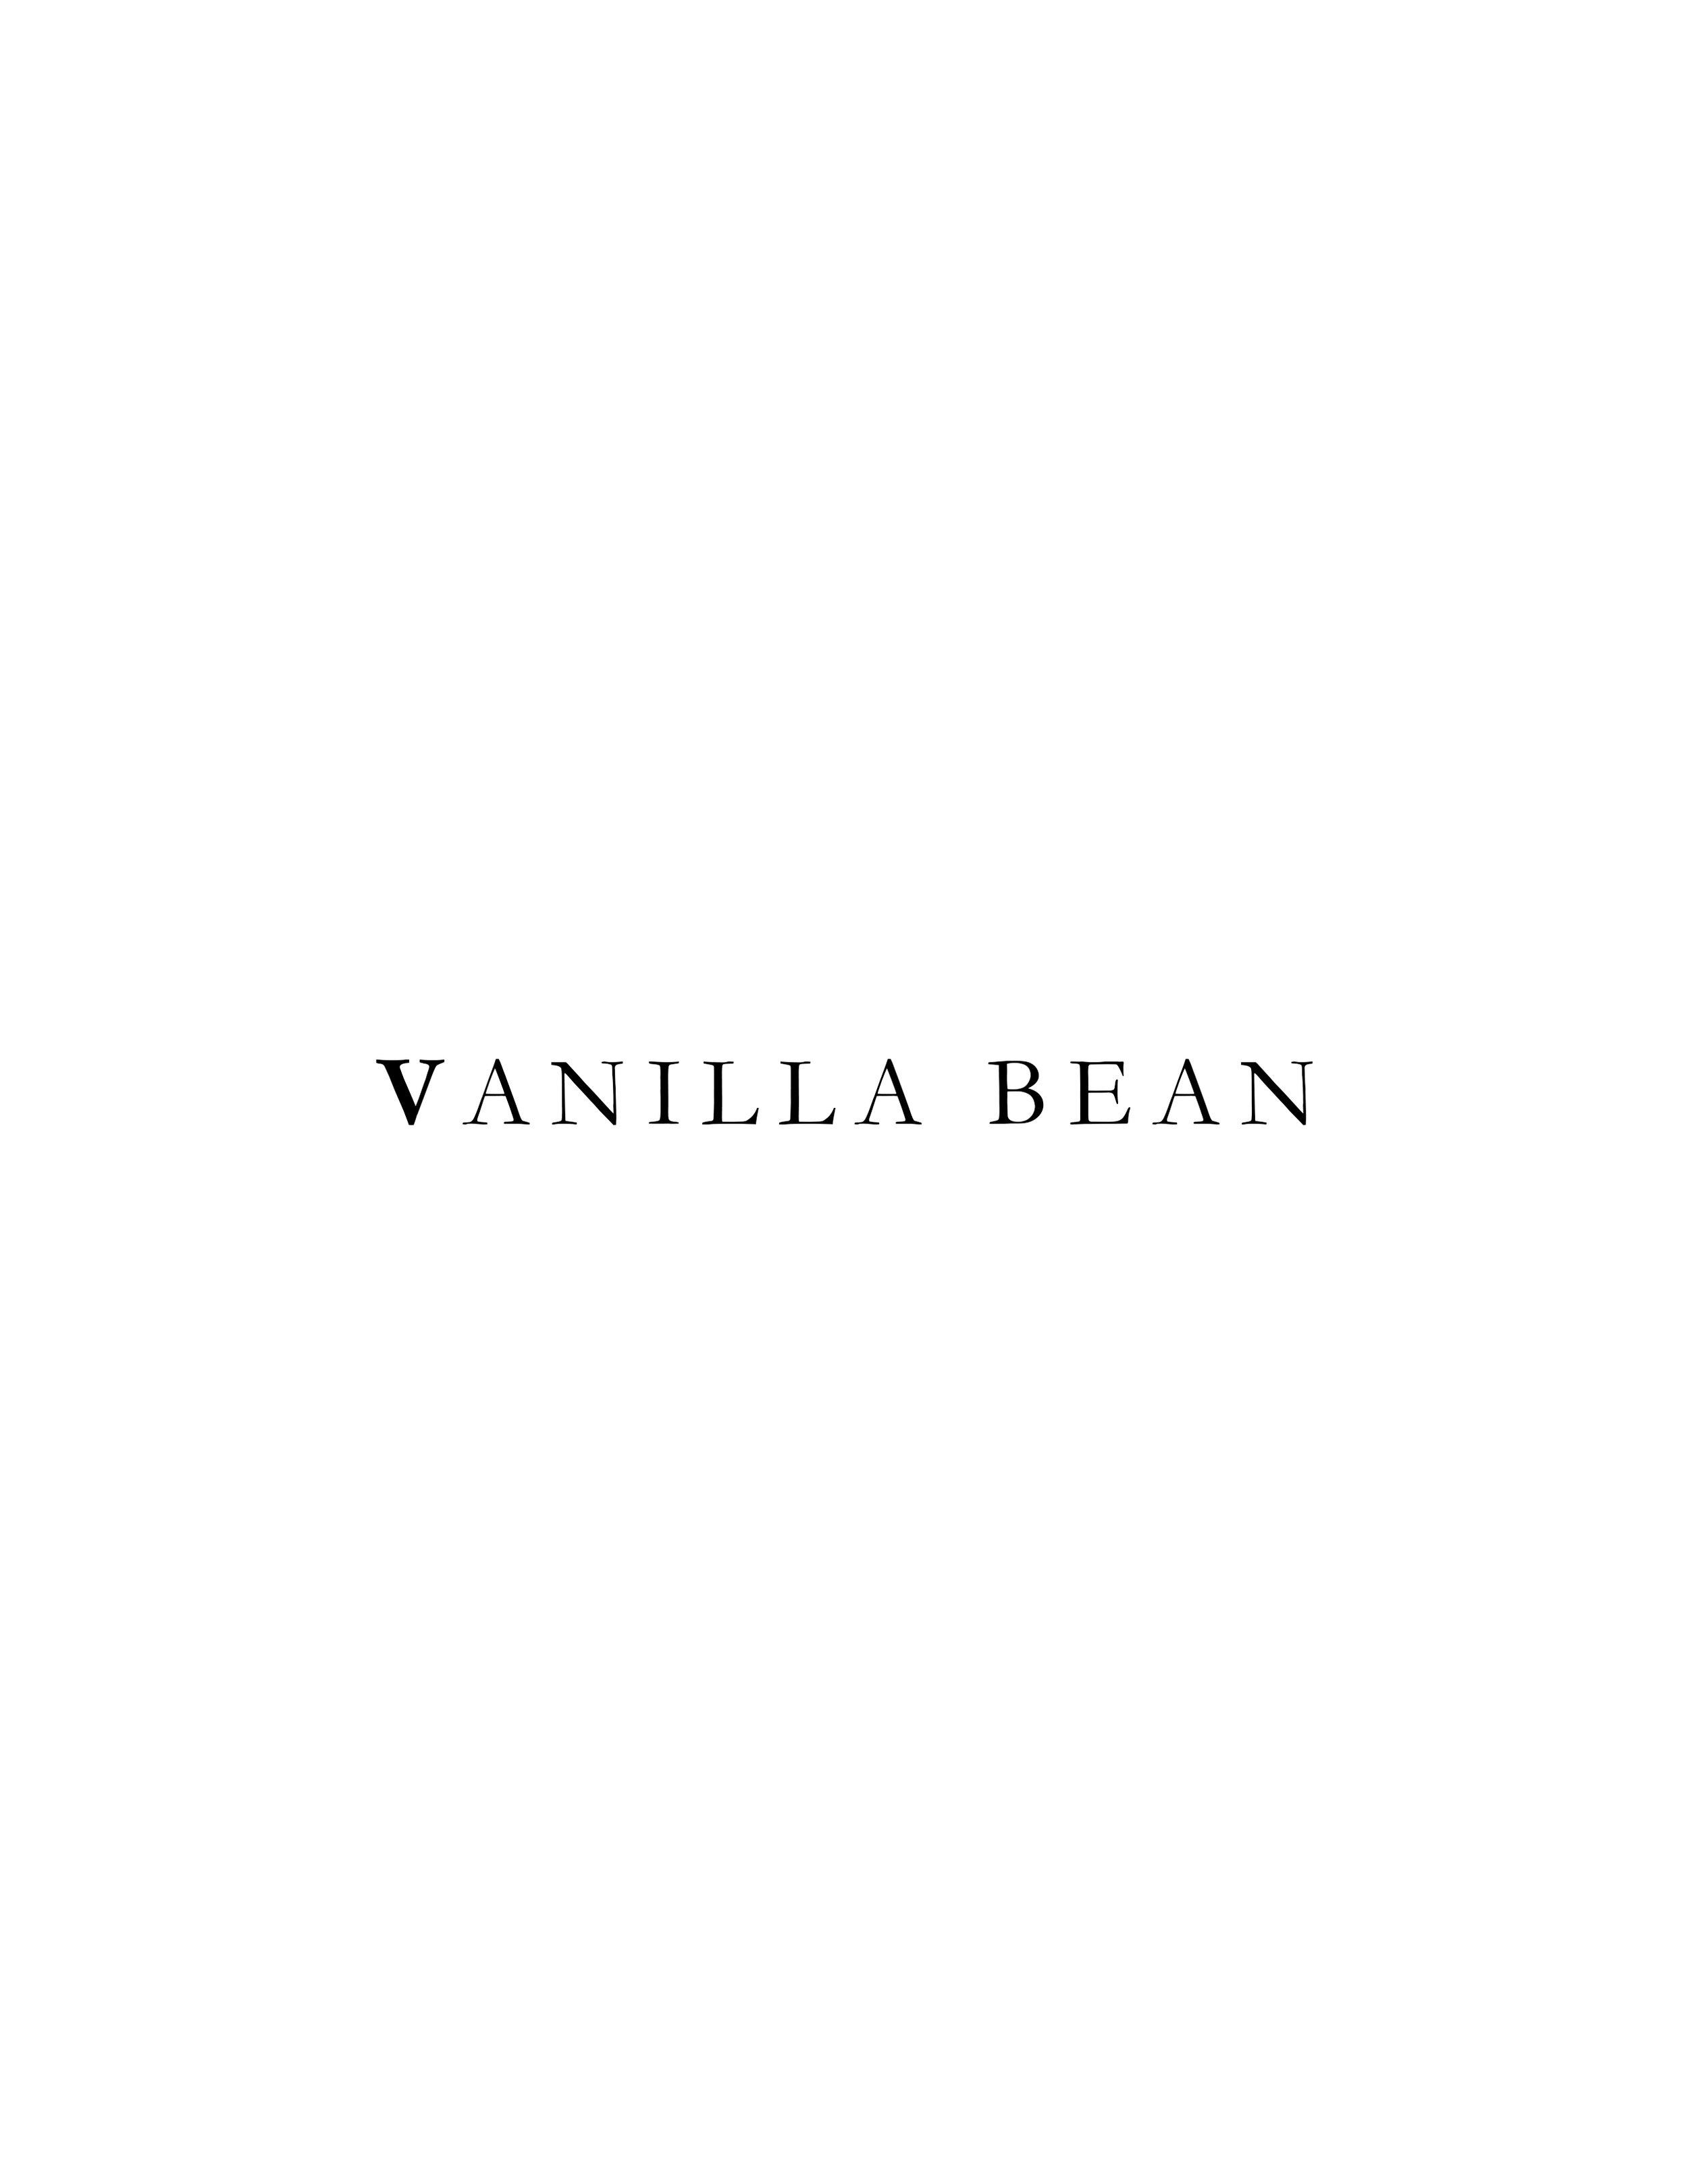 Vanilla Bean TEXT.jpg